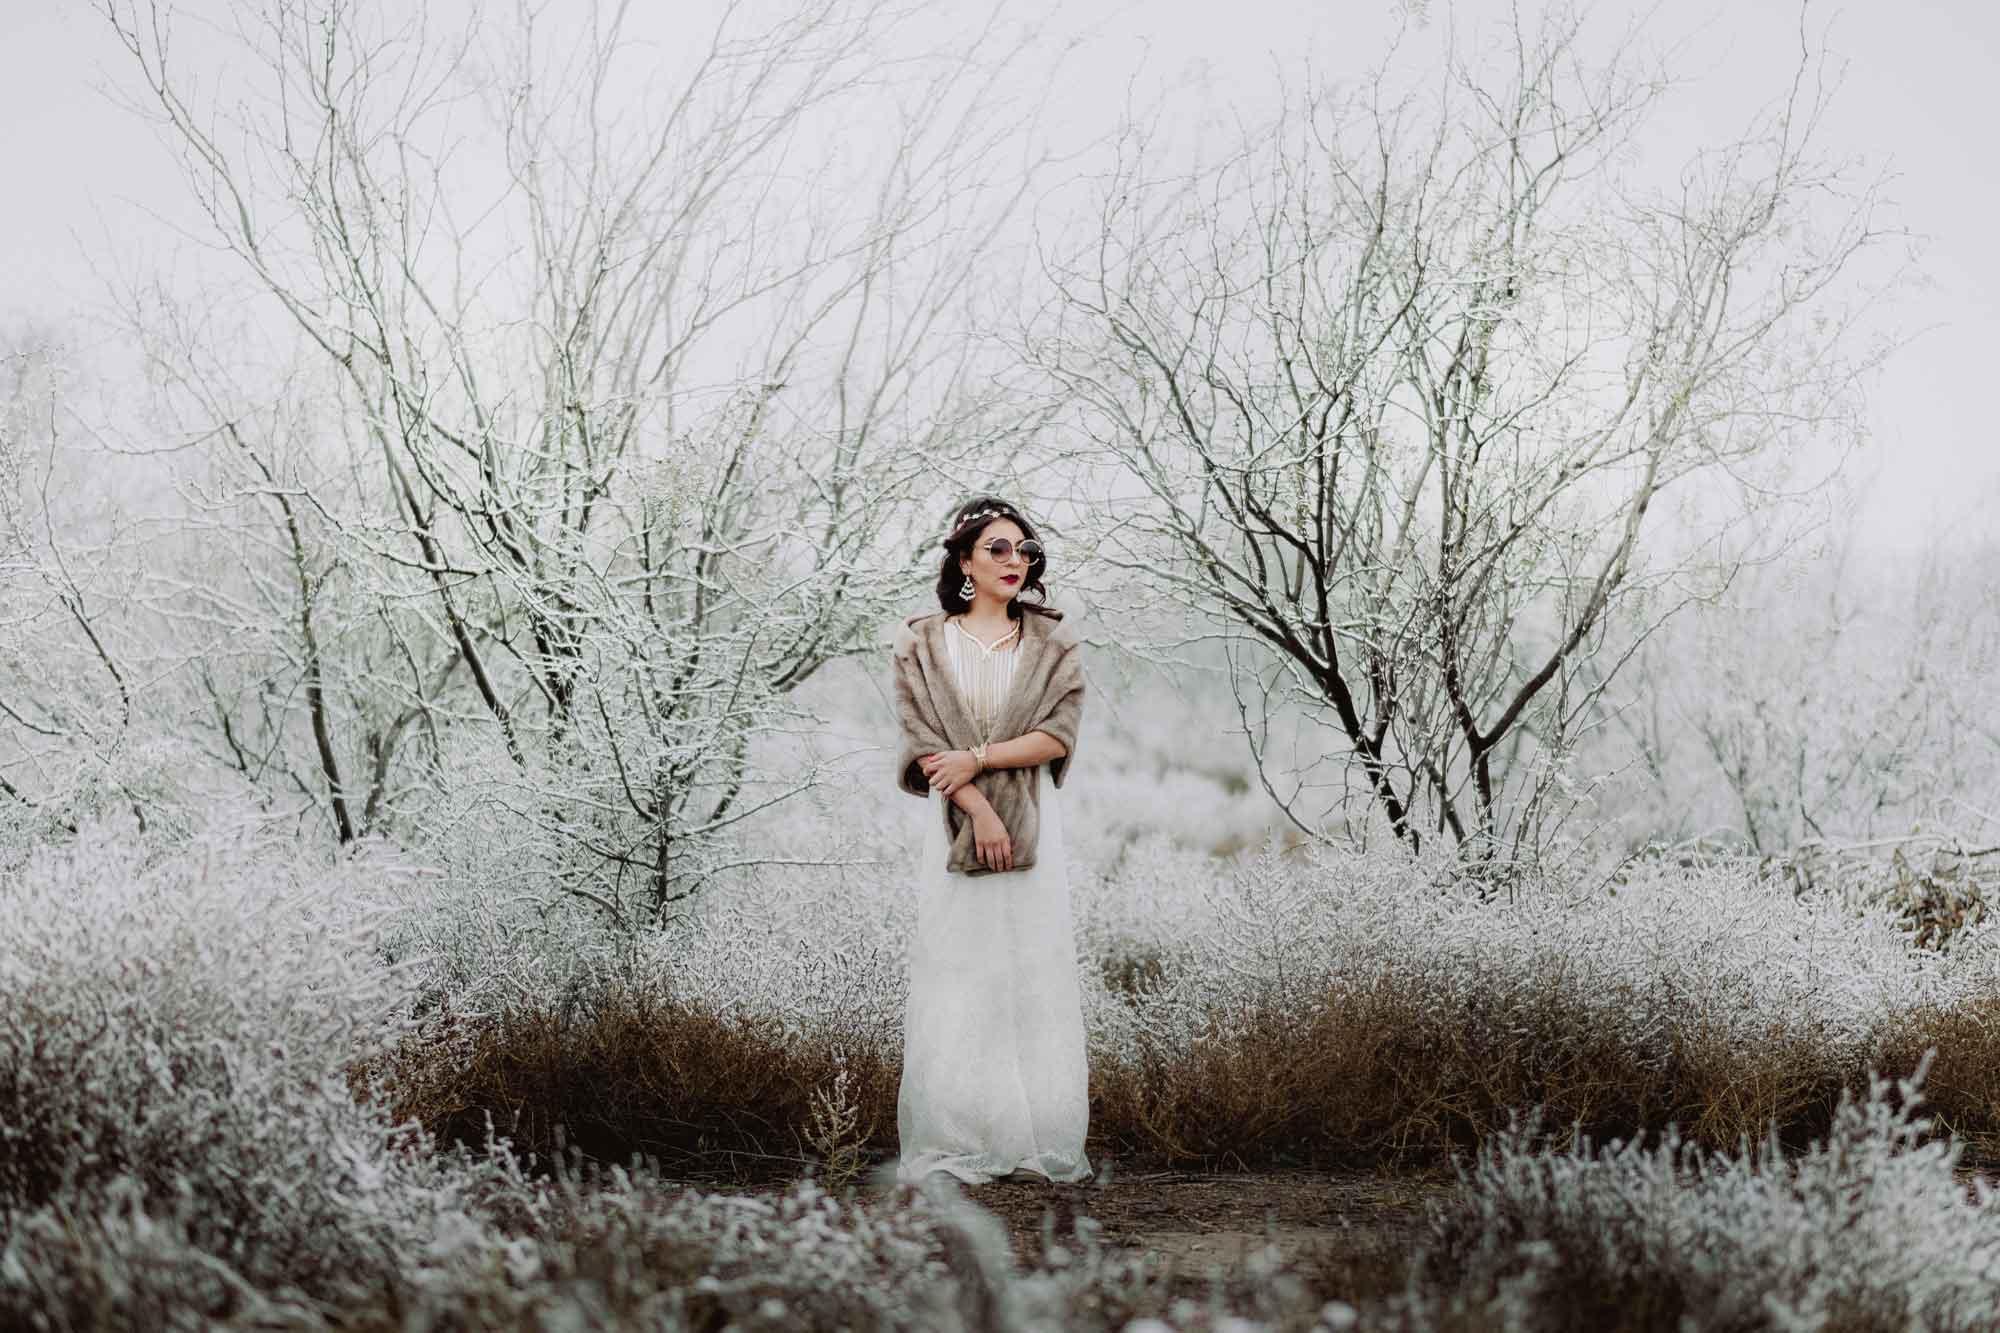 elena-barbosa--light-walkers-photografilm--workshops-cursos-de-fotografia-fotofest--saltillo-coahuila--mx11